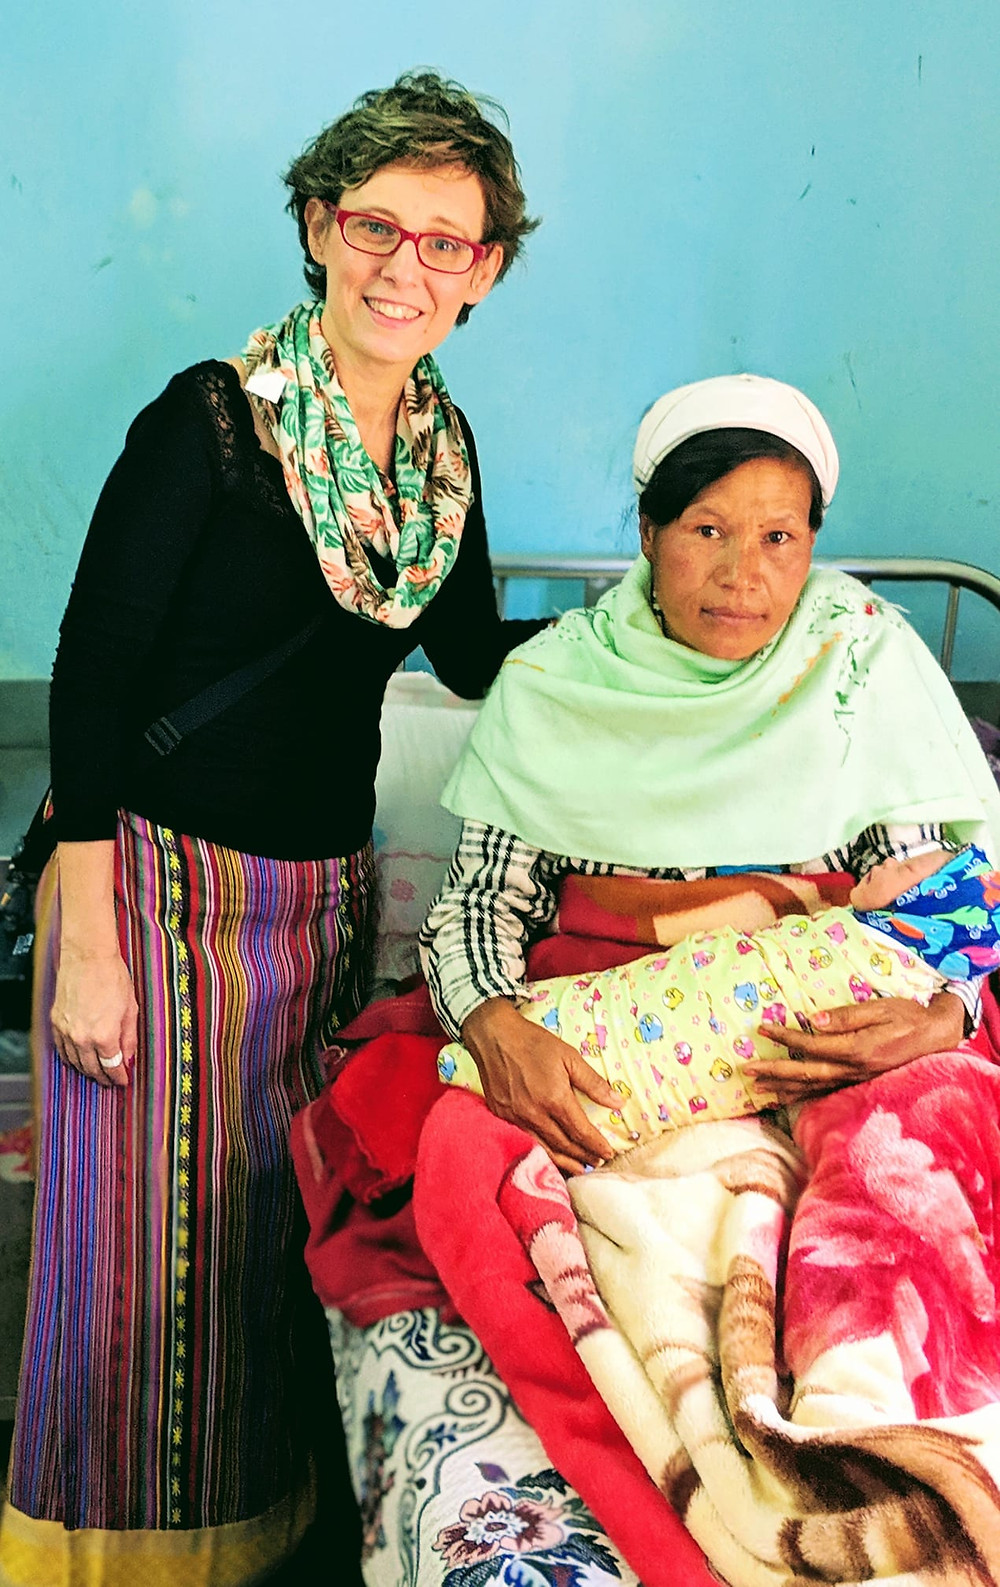 Newborn and her mom at Pindaya, Myanmar